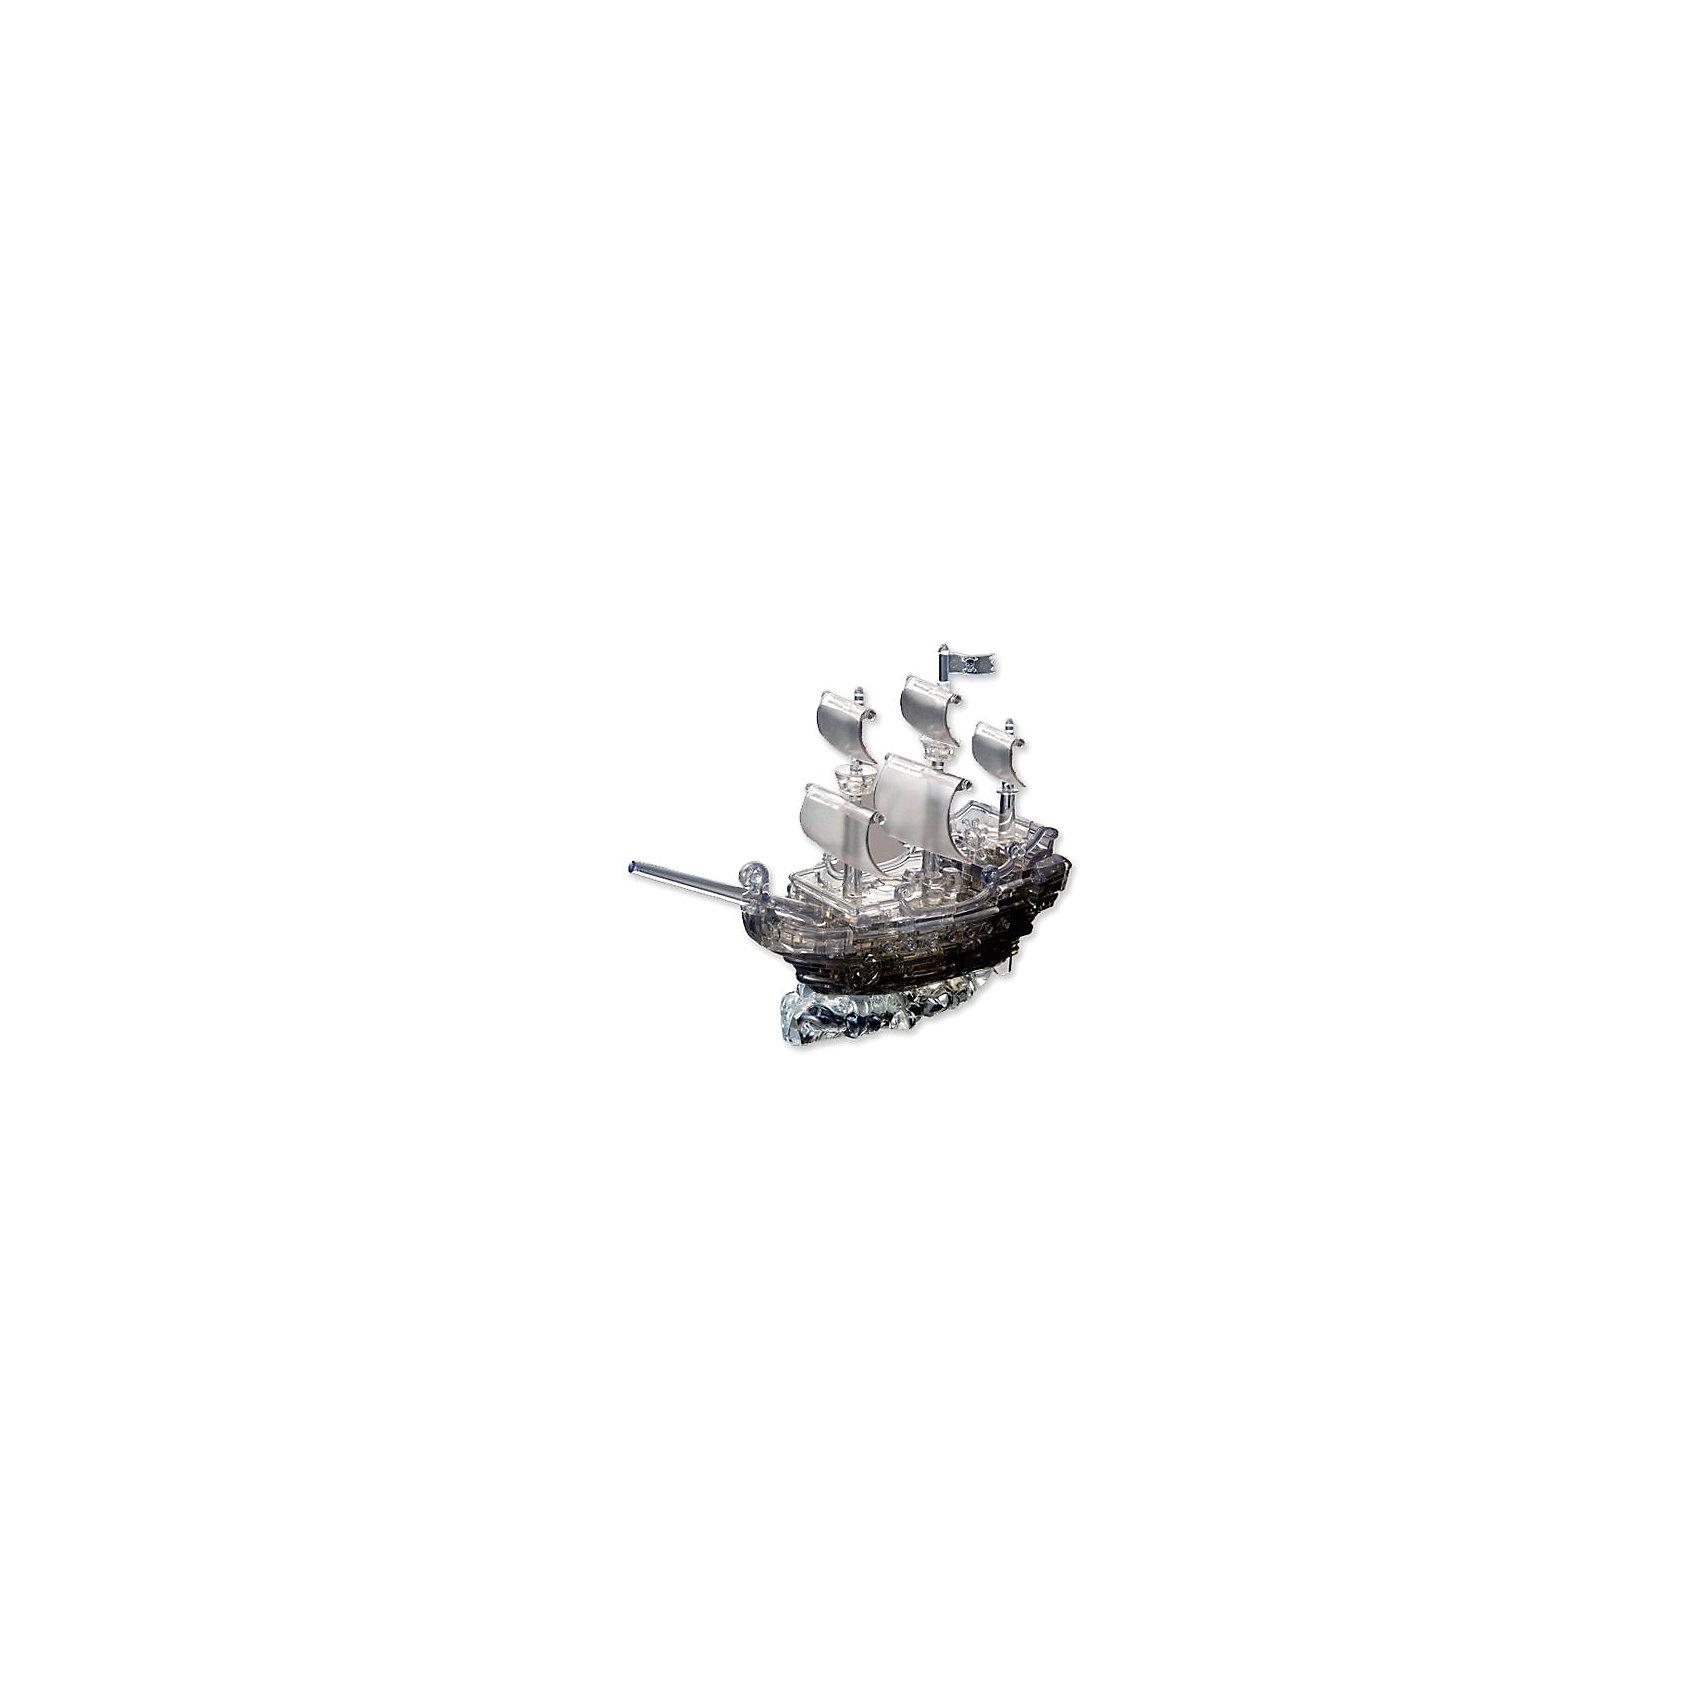 Кристаллический пазл 3D Пиратский корабль, Crystal PuzzleКристаллический пазл 3D Пиратский корабль, Crystal Puzzle (Кристал Пазл)<br><br>Характеристики:<br><br>• яркий объемный пазл<br>• размер готовой фигурки: 20 см<br>• количество деталей: 101<br>• высокая сложность<br>• размер упаковки: 6х19х18 см<br>• вес: 463 грамма<br>• материал: пластик<br><br>Создать пиратский корабль совсем не просто. И 3D пазл от Crystal Puzzle не исключение. Он состоит из 101 детали. Если в процессе сборки возникнут трудности, вы можете воспользоваться понятной инструкцией. Немного усилий - и большой сверкающий корабль будет радовать юных пиратов своей красотой. Фигурка прекрасно подойдет в качестве украшения или подарка. Кроме того, пазлы развивают моторику, внимание, логику и усидчивость.<br><br>Кристаллический пазл 3D Пиратский корабль, Crystal Puzzle (Кристал Пазл) вы можете купить в нашем интернет-магазине.<br><br>Ширина мм: 180<br>Глубина мм: 190<br>Высота мм: 60<br>Вес г: 463<br>Возраст от месяцев: 120<br>Возраст до месяцев: 2147483647<br>Пол: Мужской<br>Возраст: Детский<br>SKU: 5397257